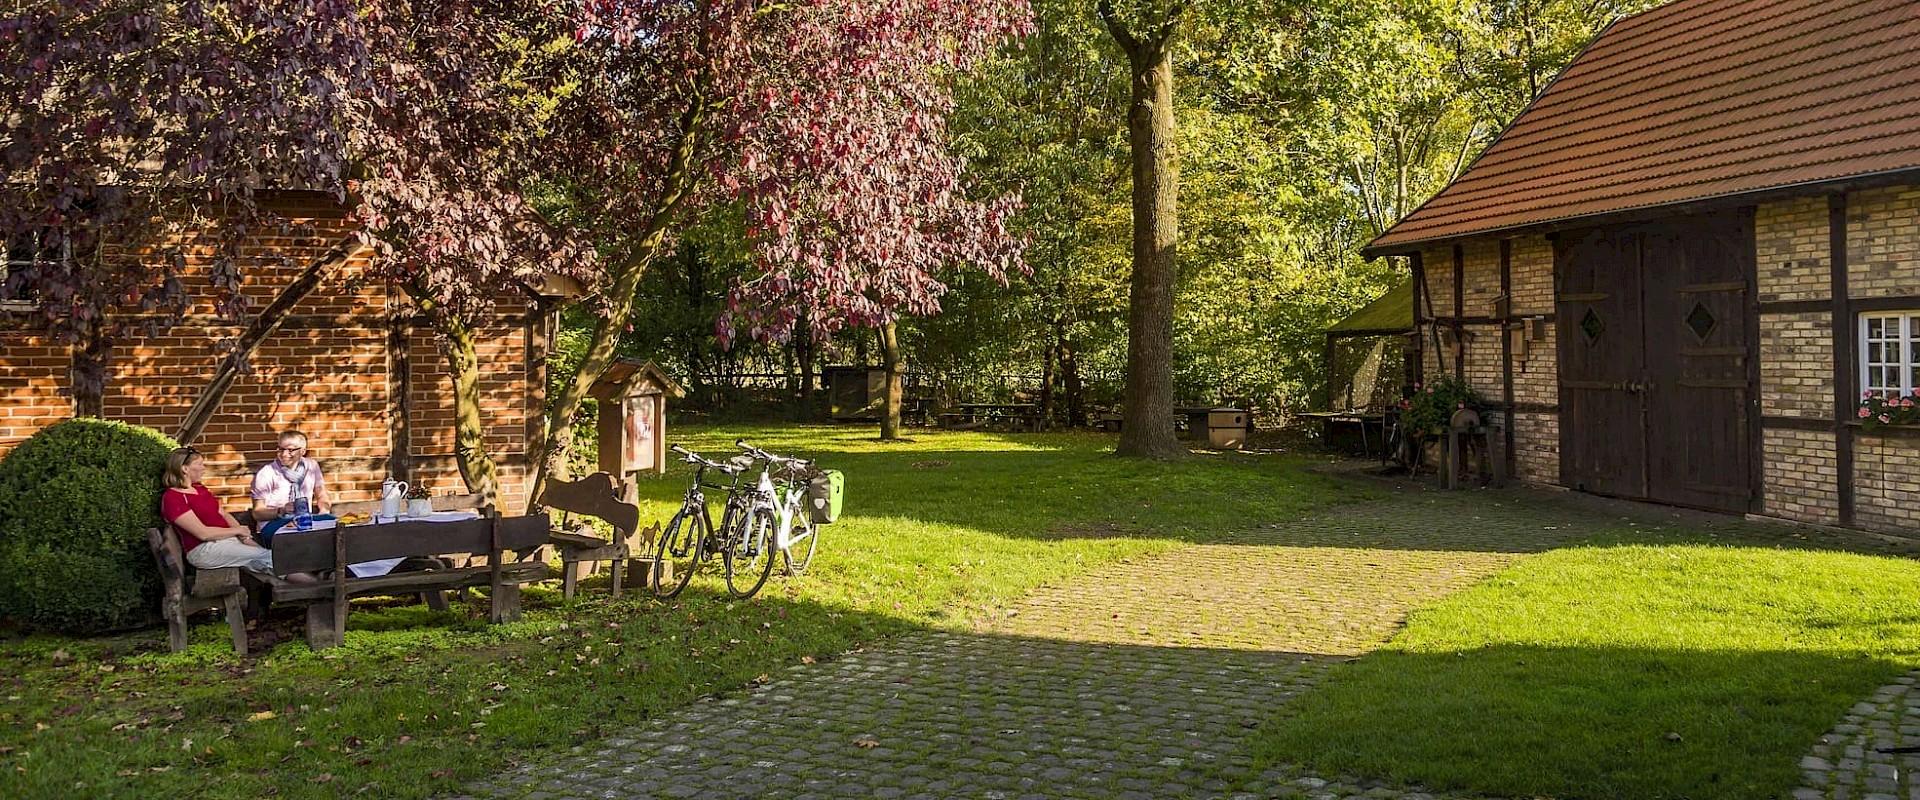 Entspannen in schönster Natur im Münsterland.